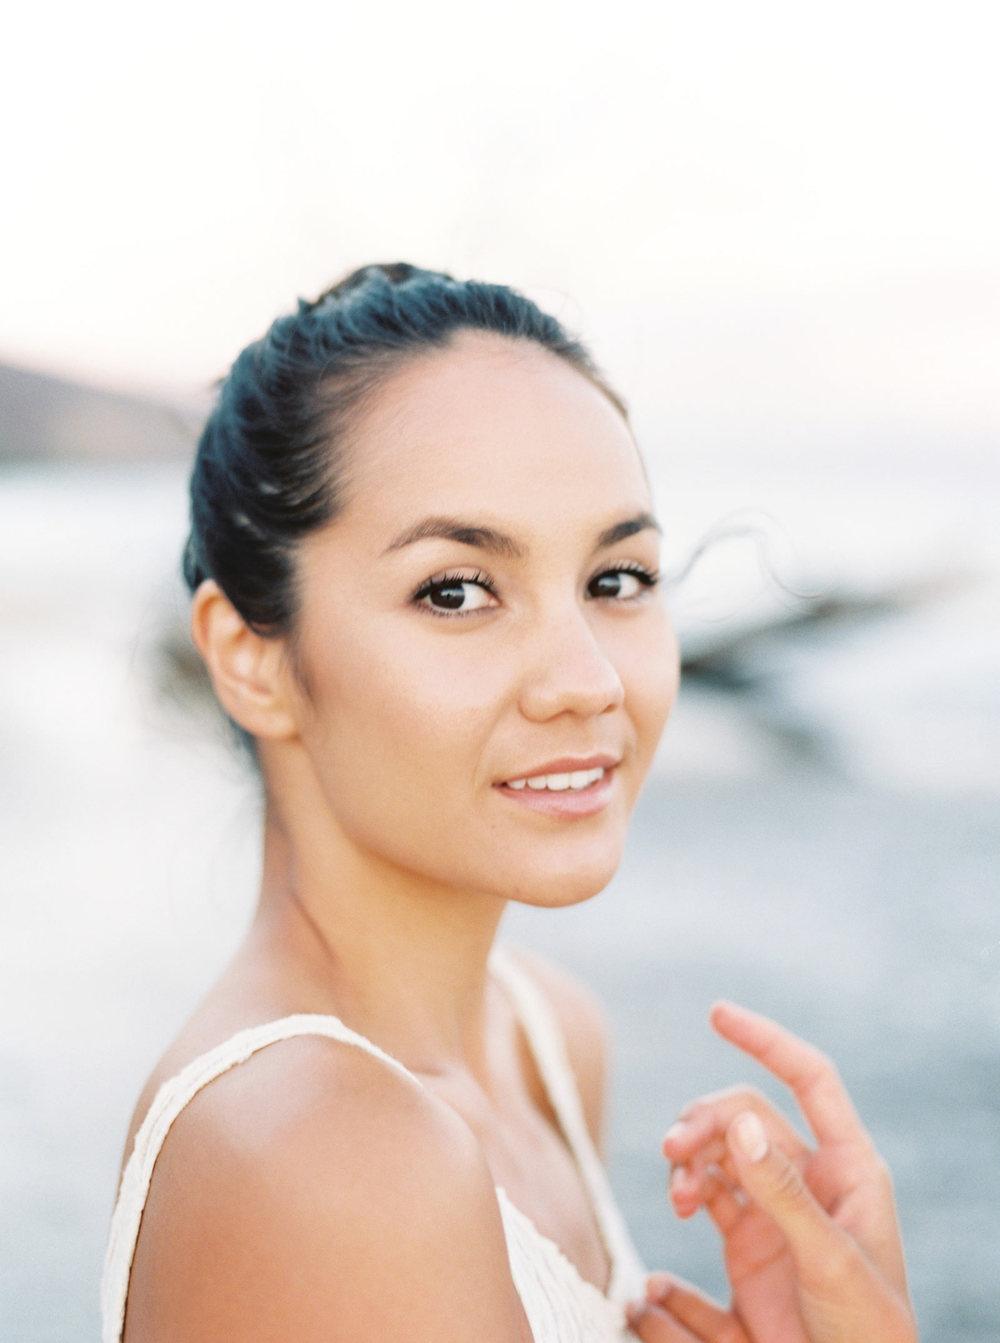 Maui-portrait-photos-004.jpg